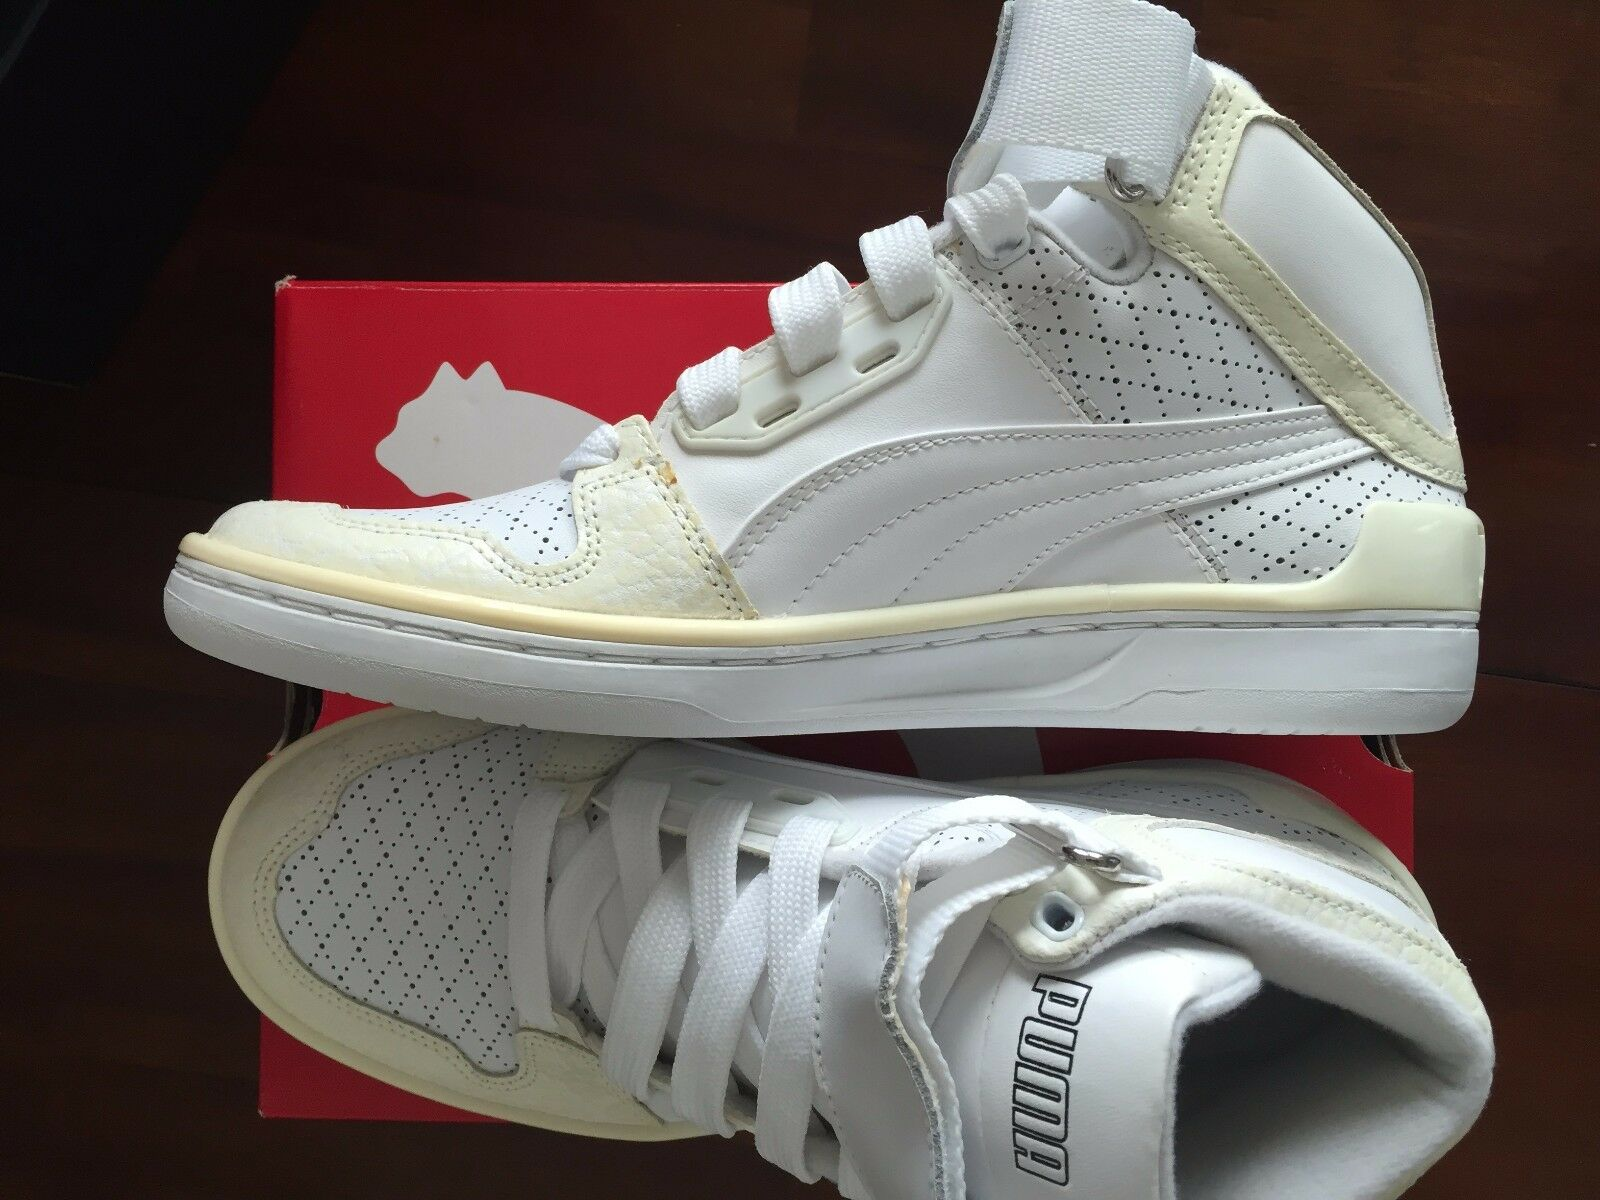 Puma  The Unlimited Hi Hi Hi Evo Lux  White Sneakers ( 8.5)  125 06a457